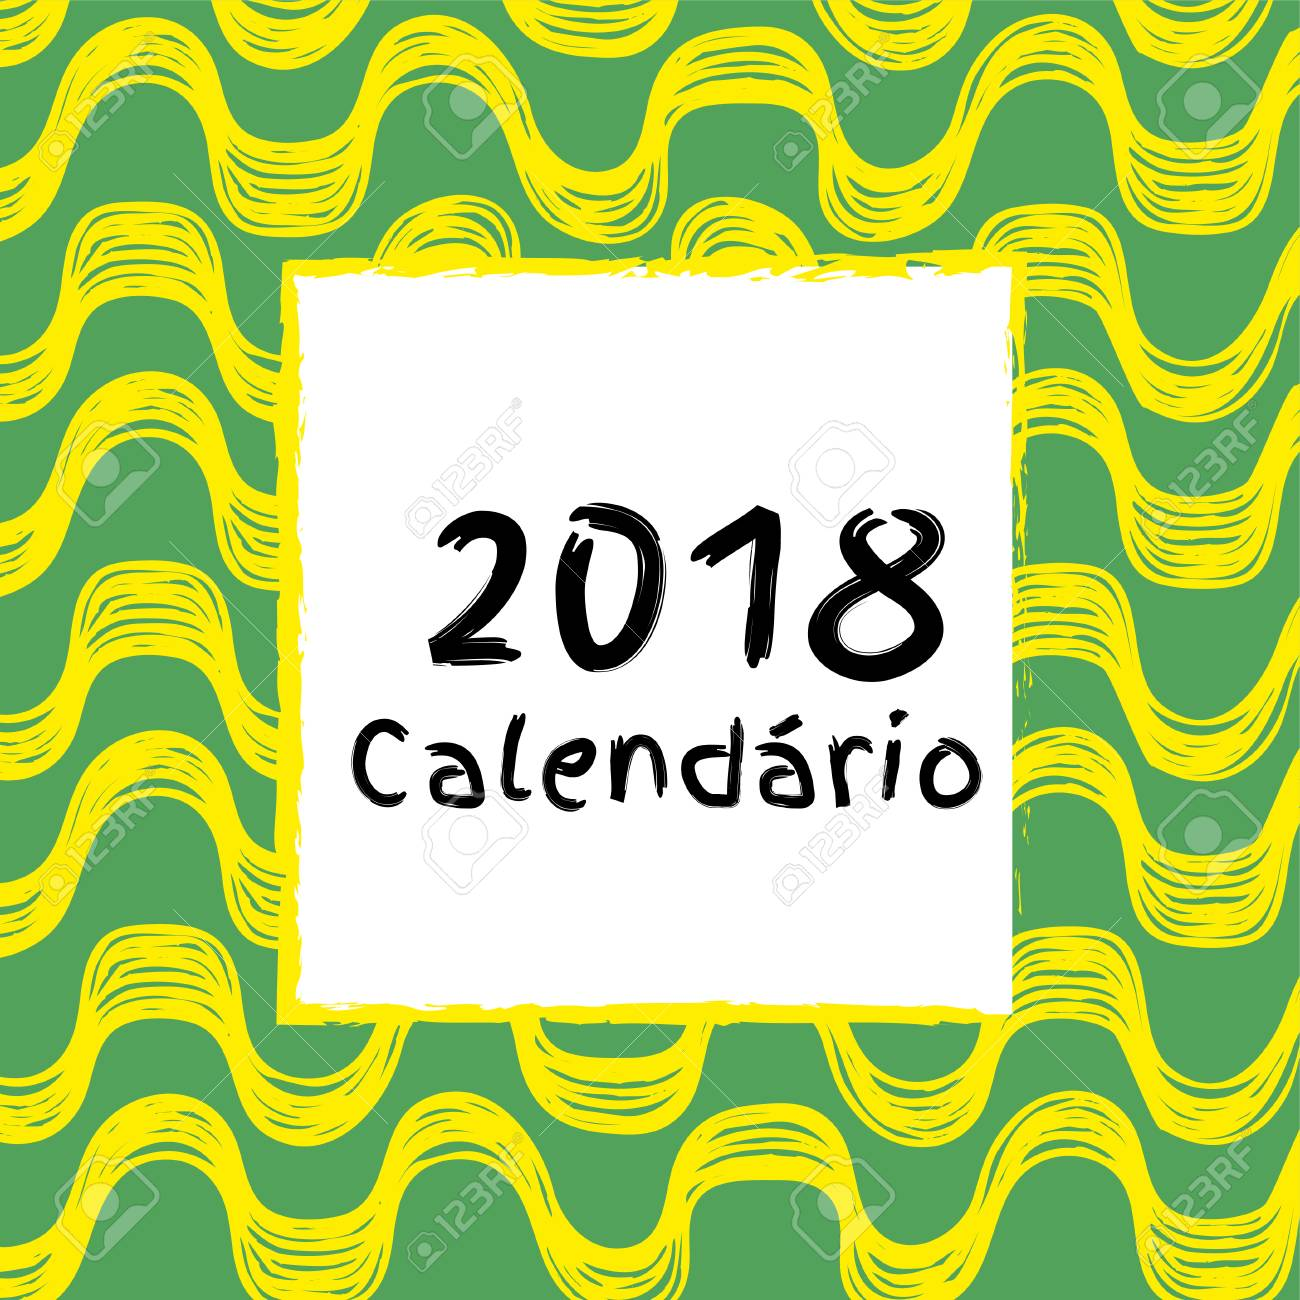 Calendario 2018 Versión Portuguesa Y Brasileña Ilustración Del Vector Con El Modelo De Ipanema